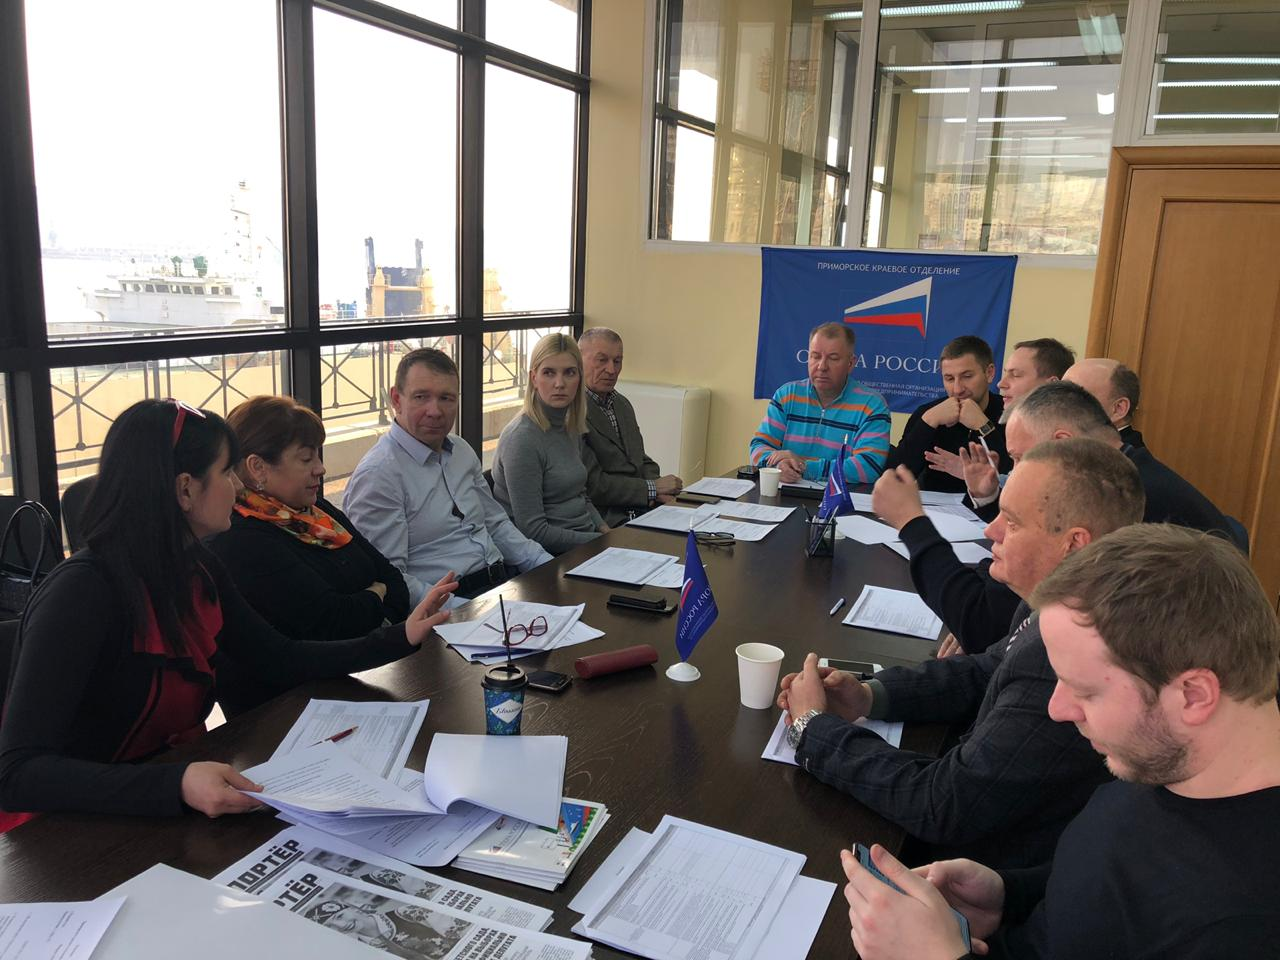 В офисе Приморского краевого отделения «ОПОРЫ РОССИИ» состоялось совещание с руководителями комитетов и членами организации.